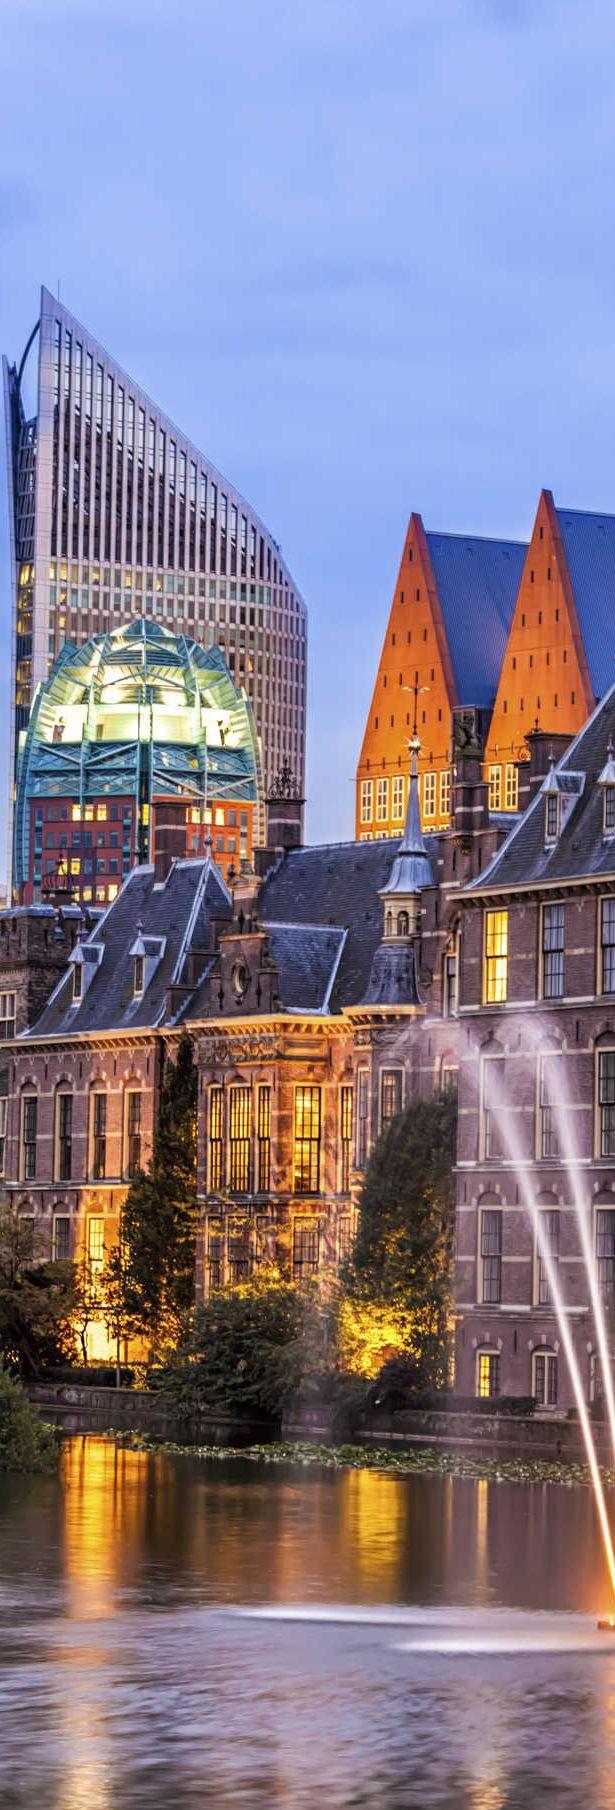 """Выставка """"Образование в Нидерландах: преимущества и возможности"""". Фото - 7"""